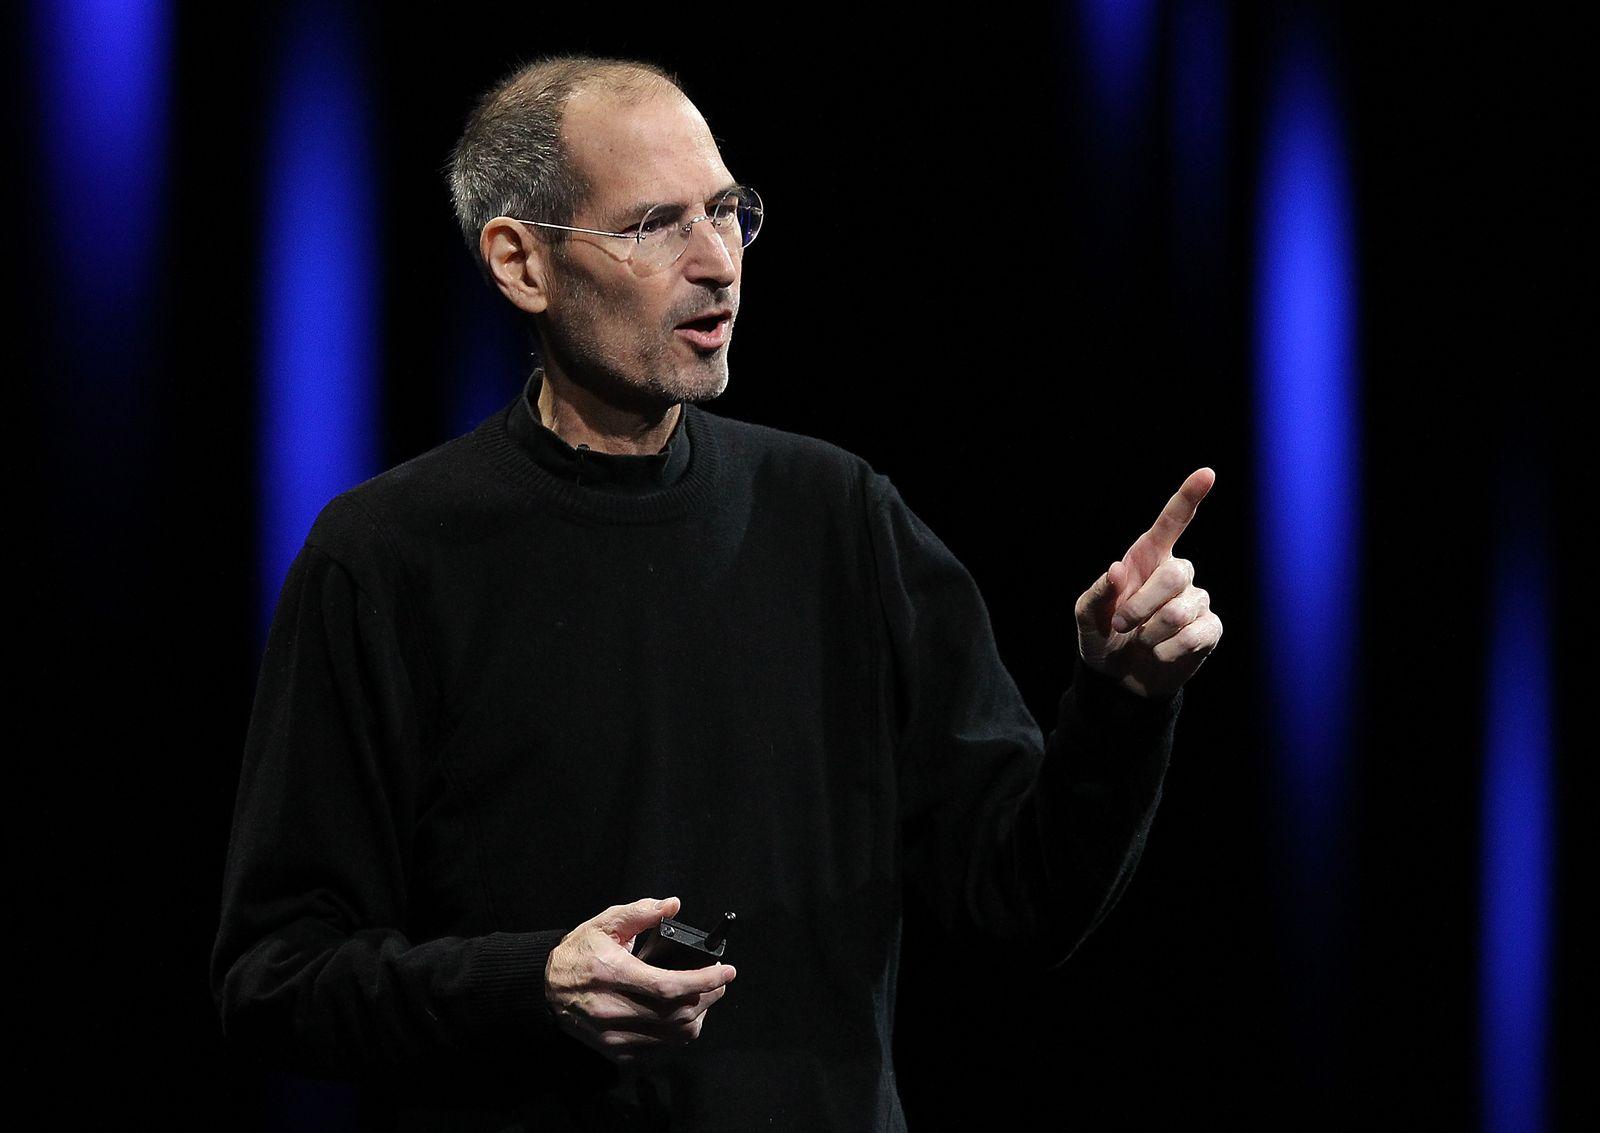 Jobs / Apple